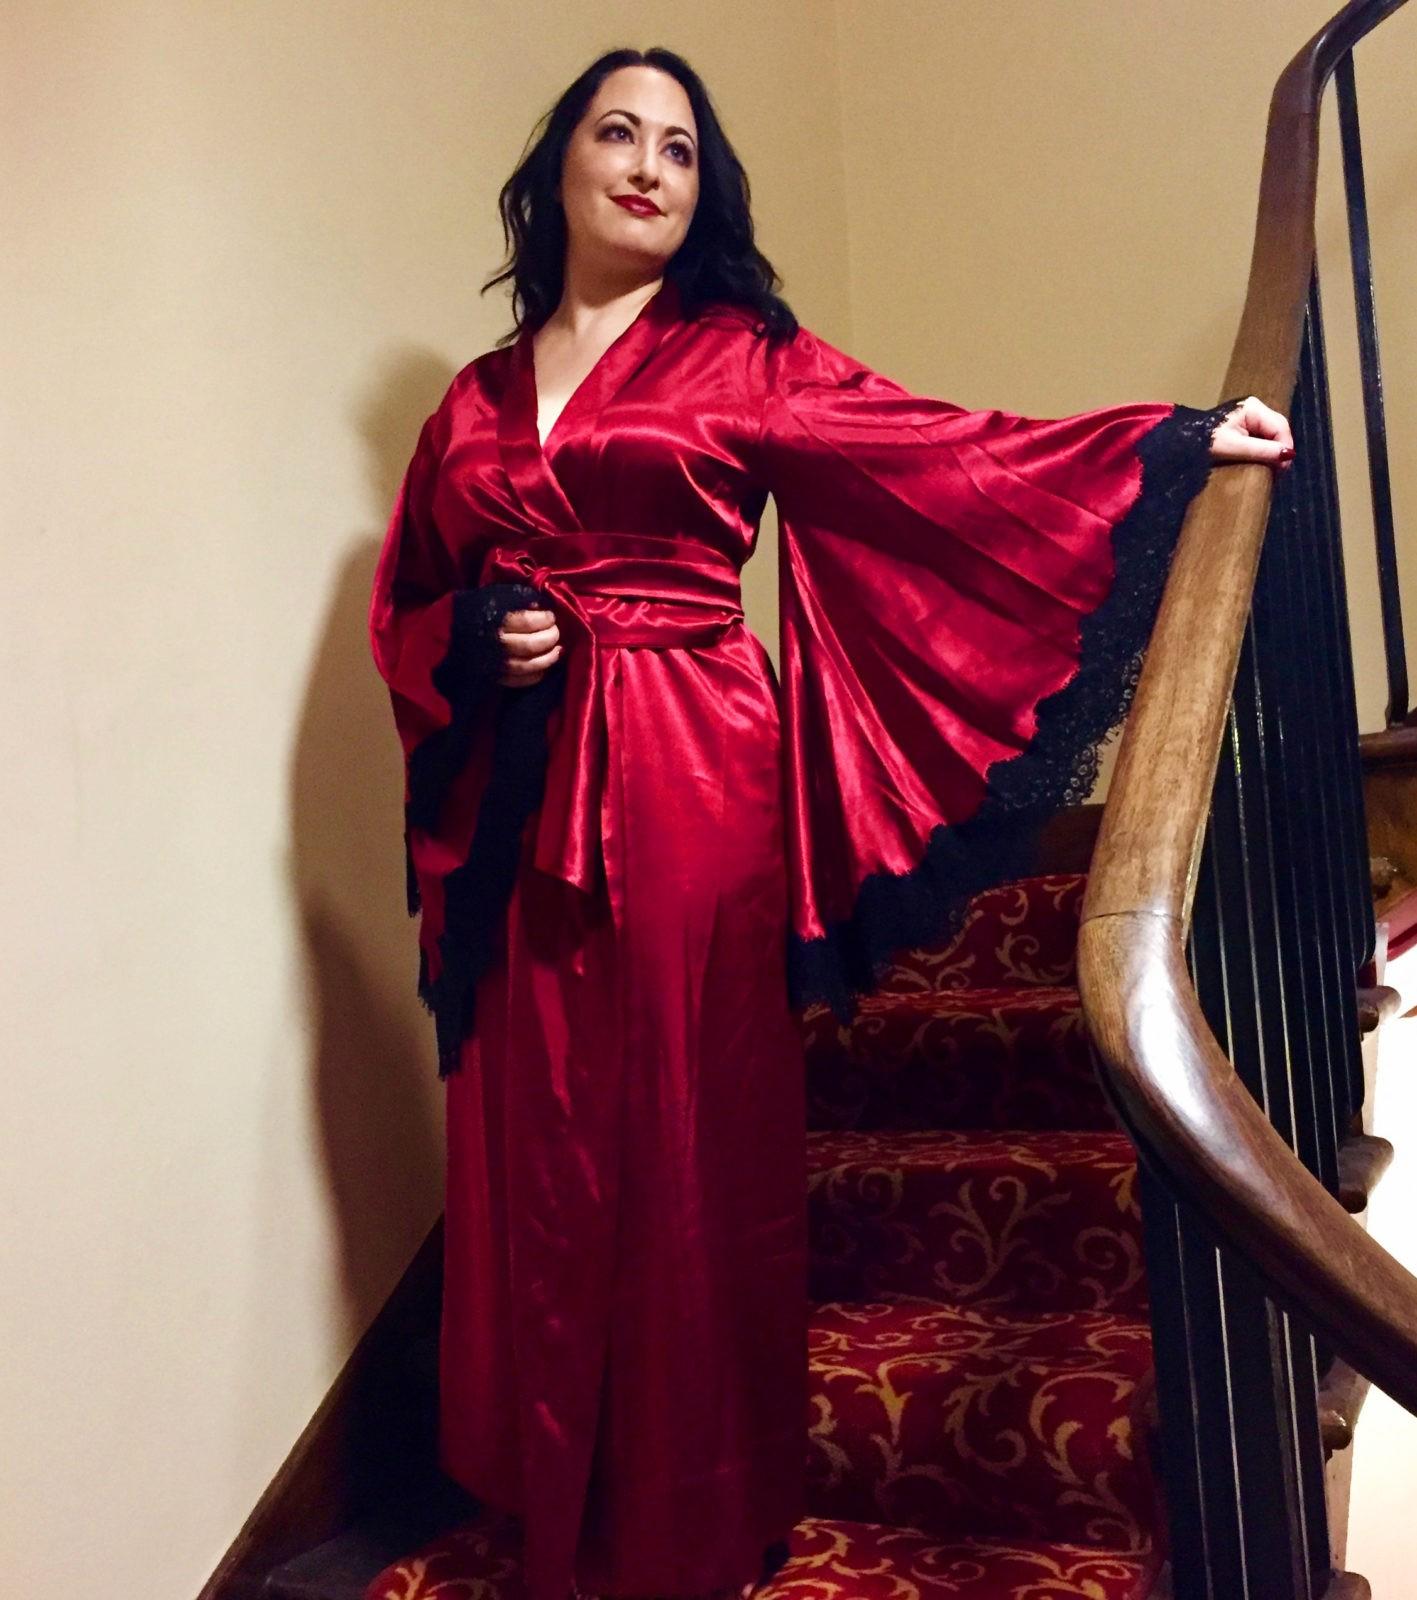 Katana Femme Kimono - Wedding Robe